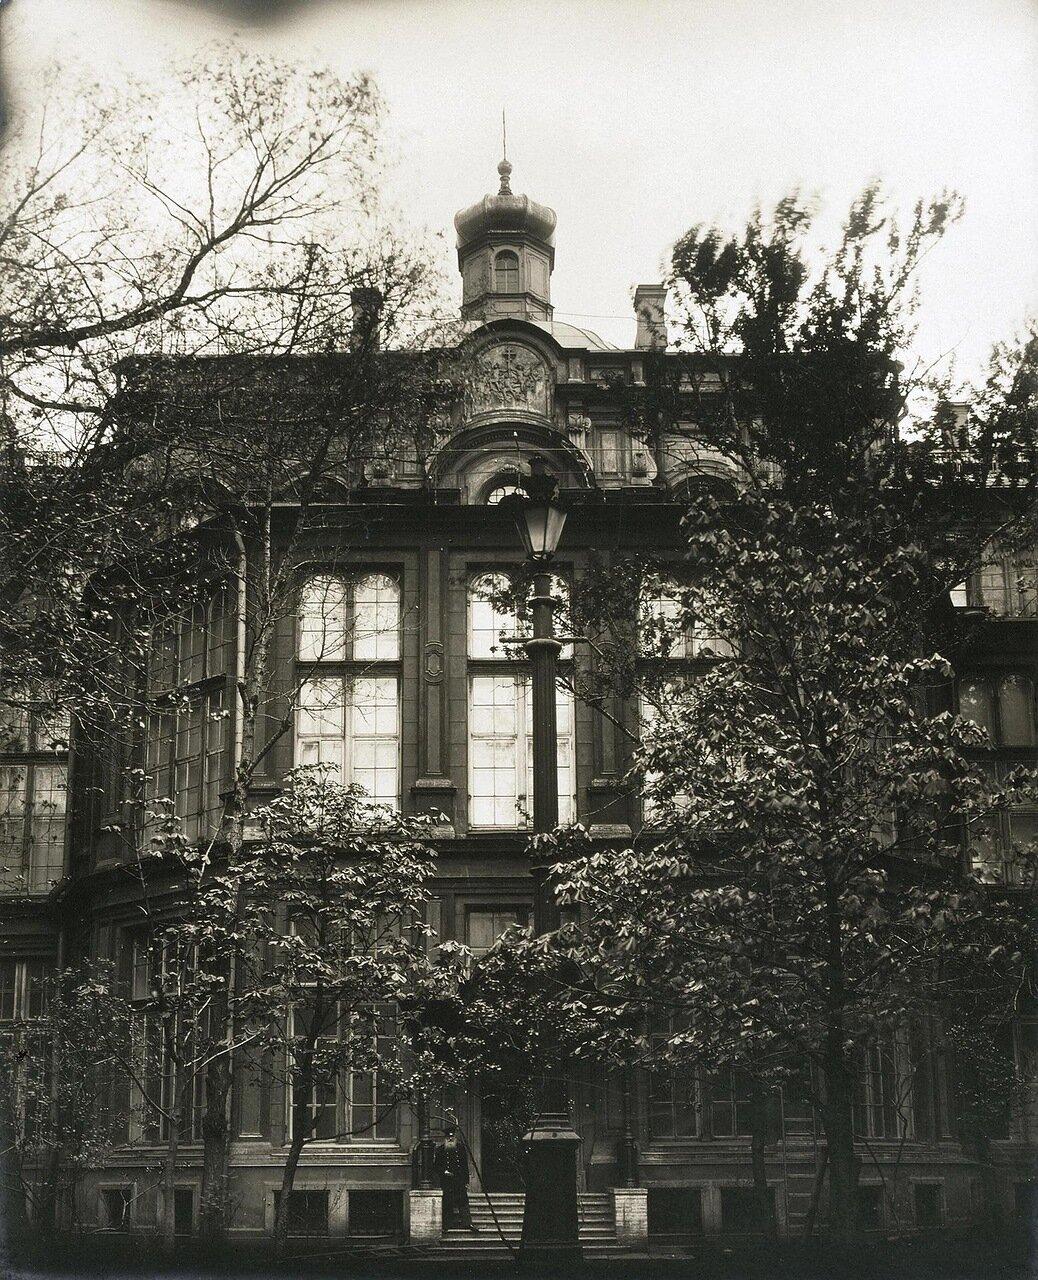 Фасад Ново-Михайловского дворца со стороны внутреннего двора. 1909